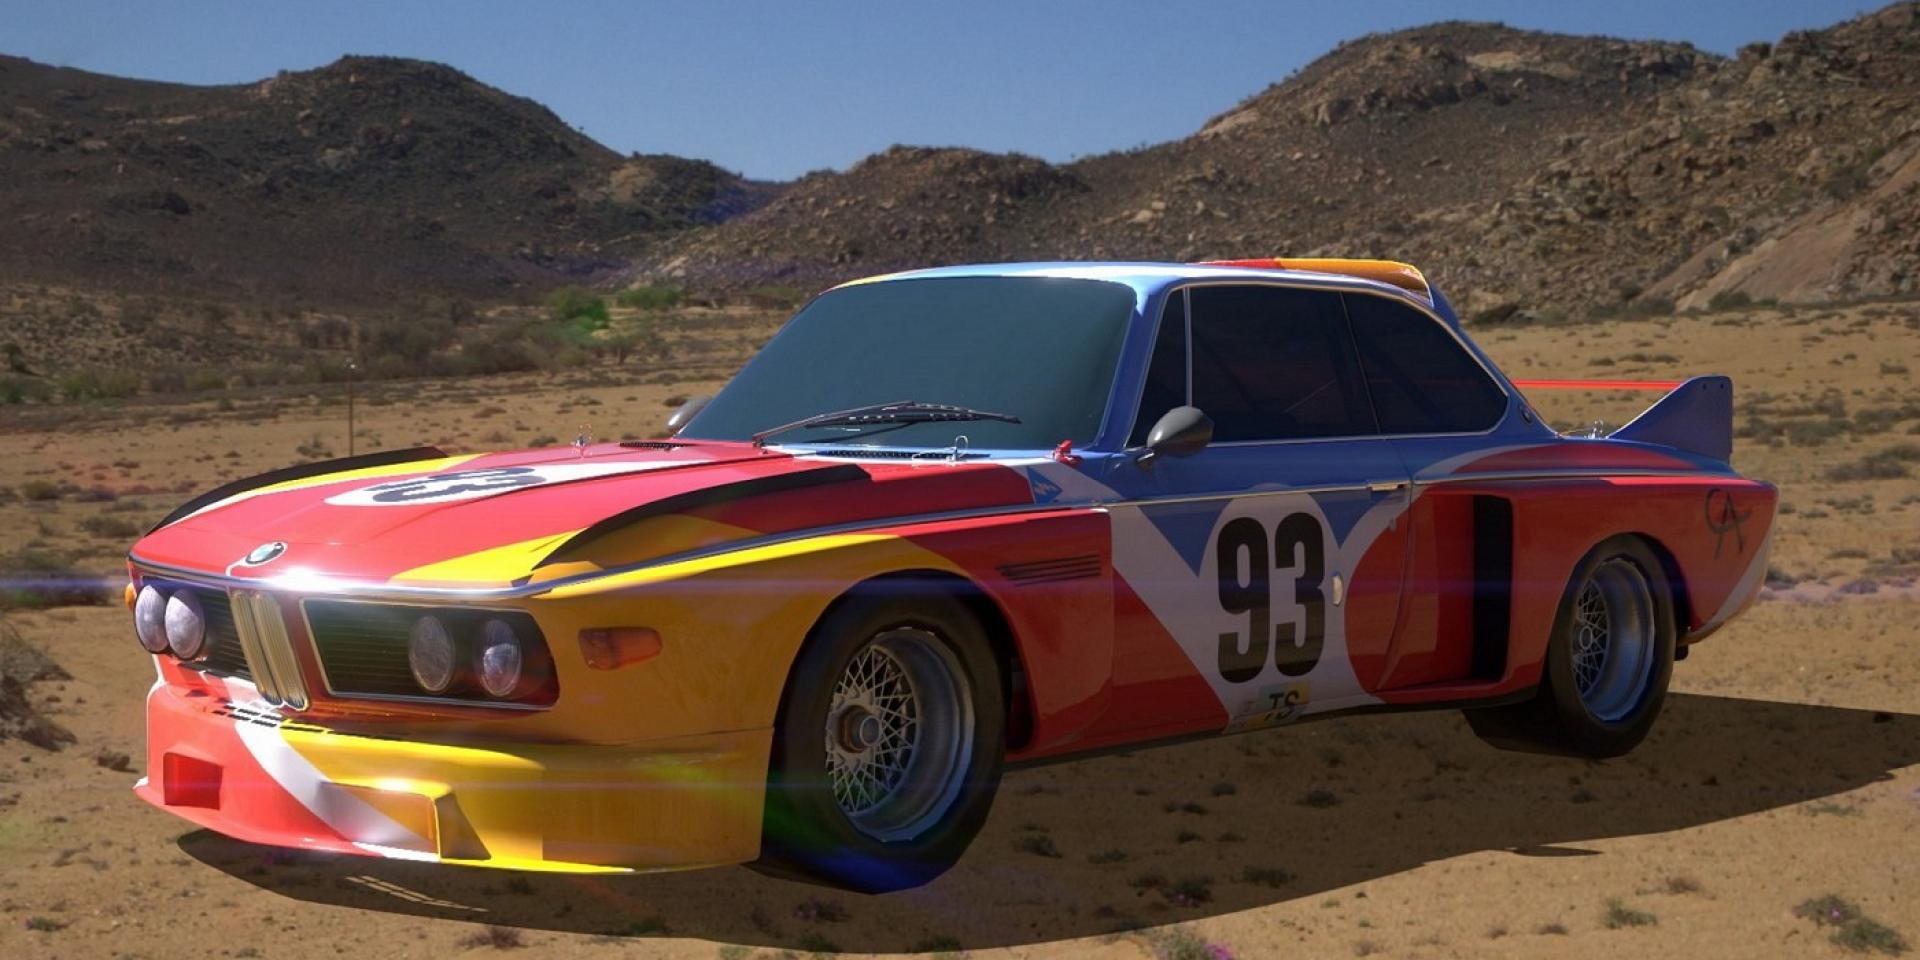 無料下載APP,BMW經典藝術彩繪車出現在你眼前